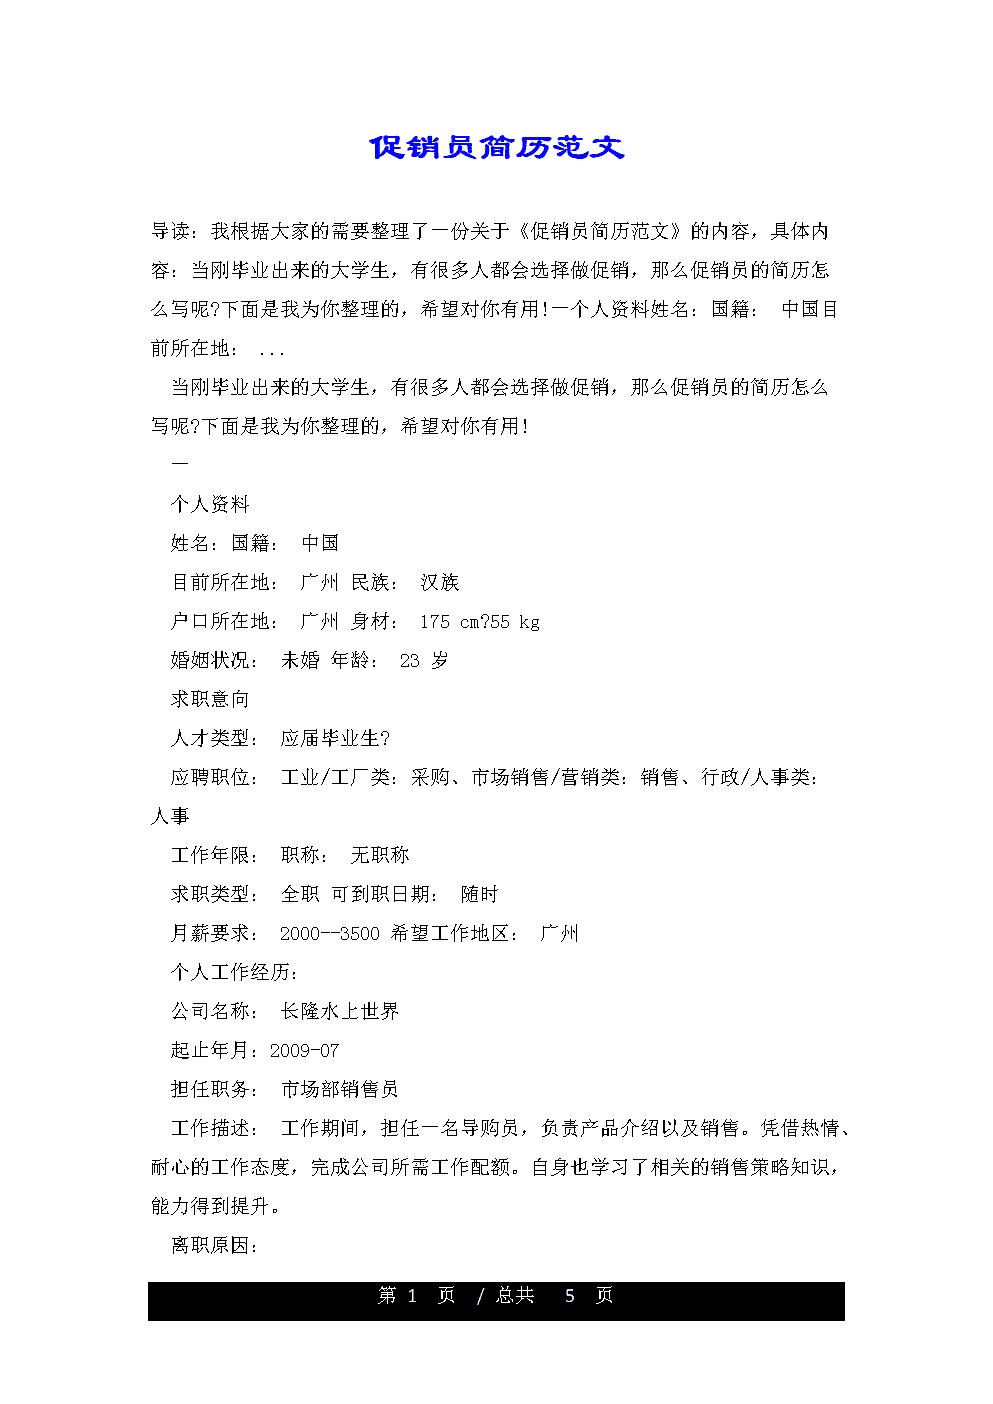 促销员简历范文.doc